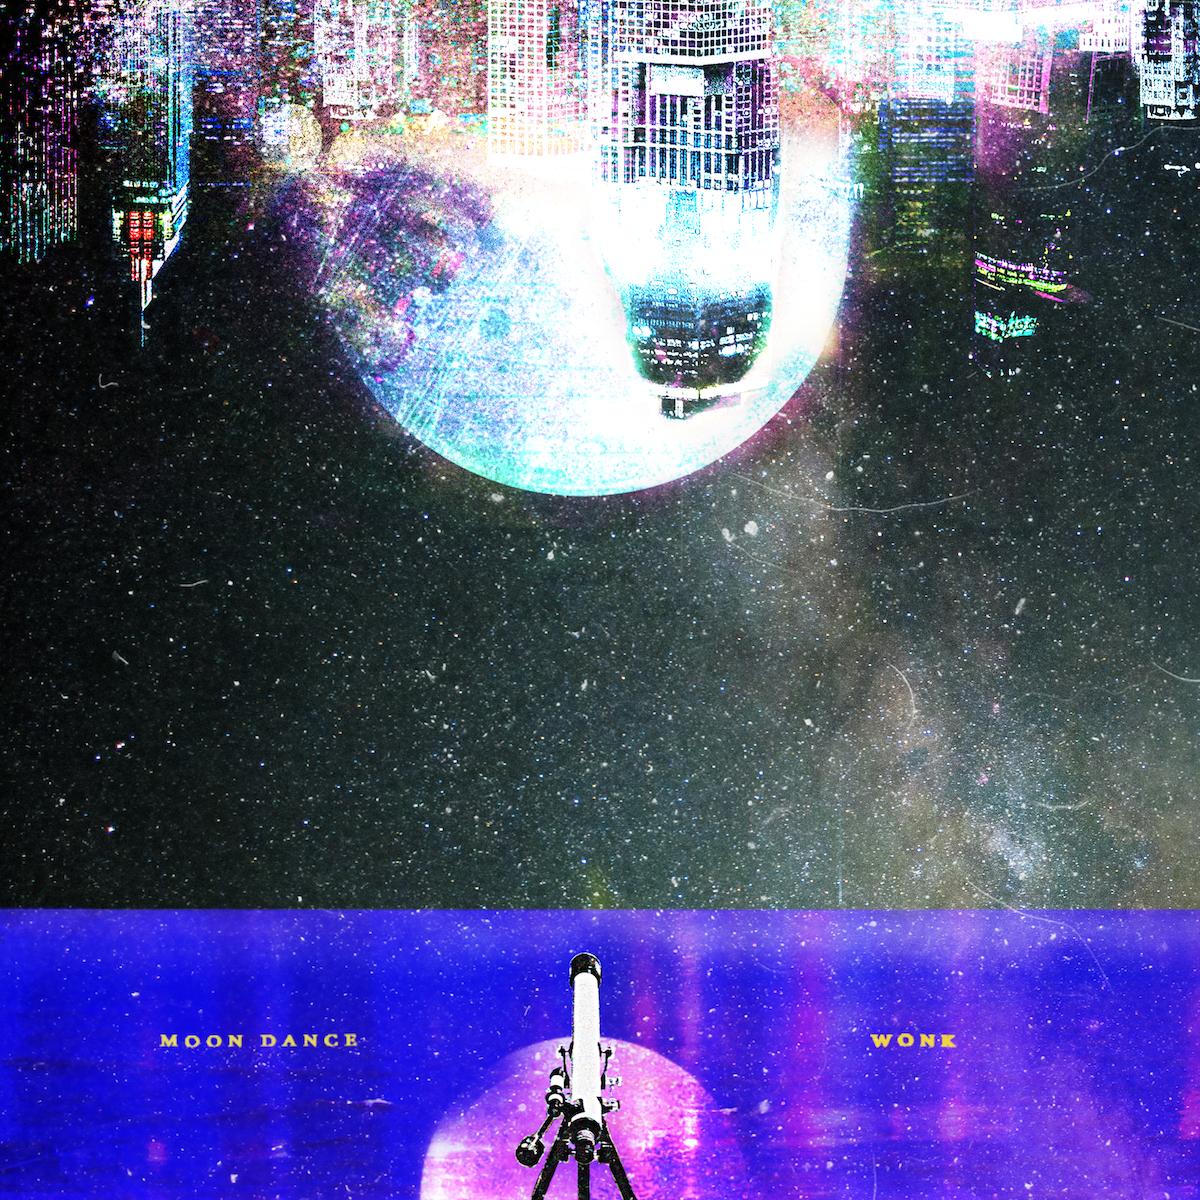 WONK_MoonDance.png